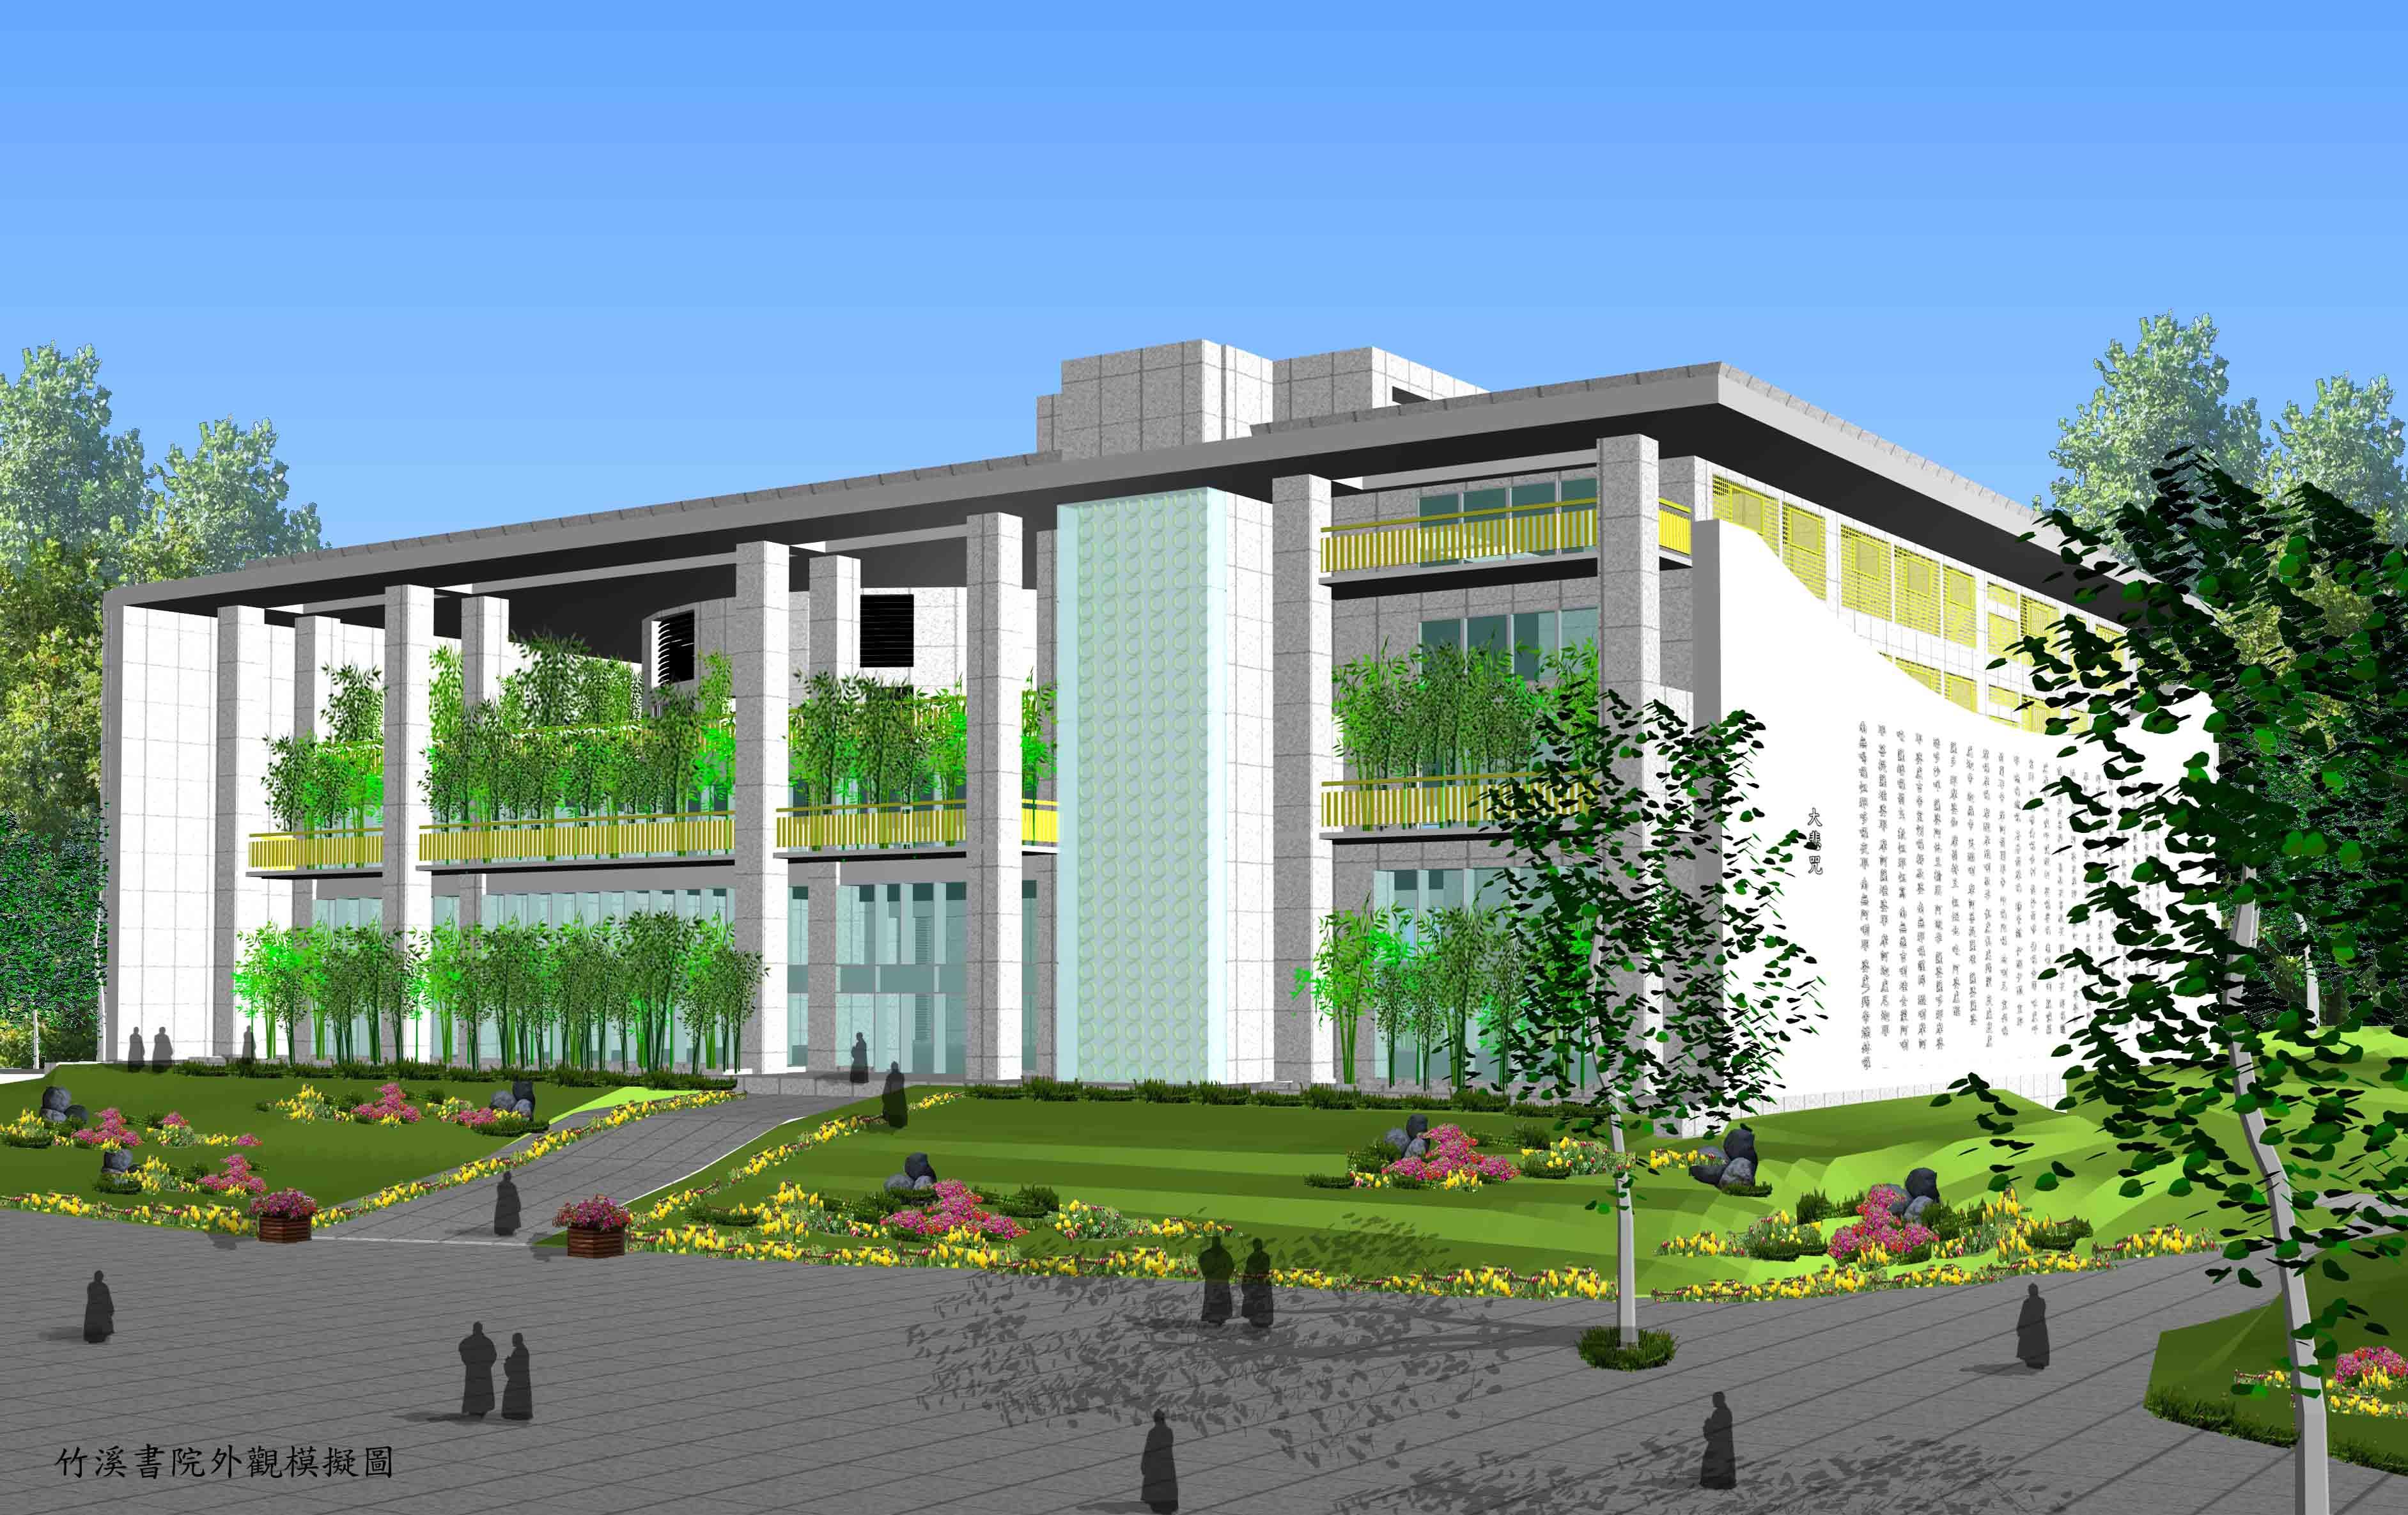 「竹溪禪寺-竹溪書院新建工程」通過都市設計審議  0